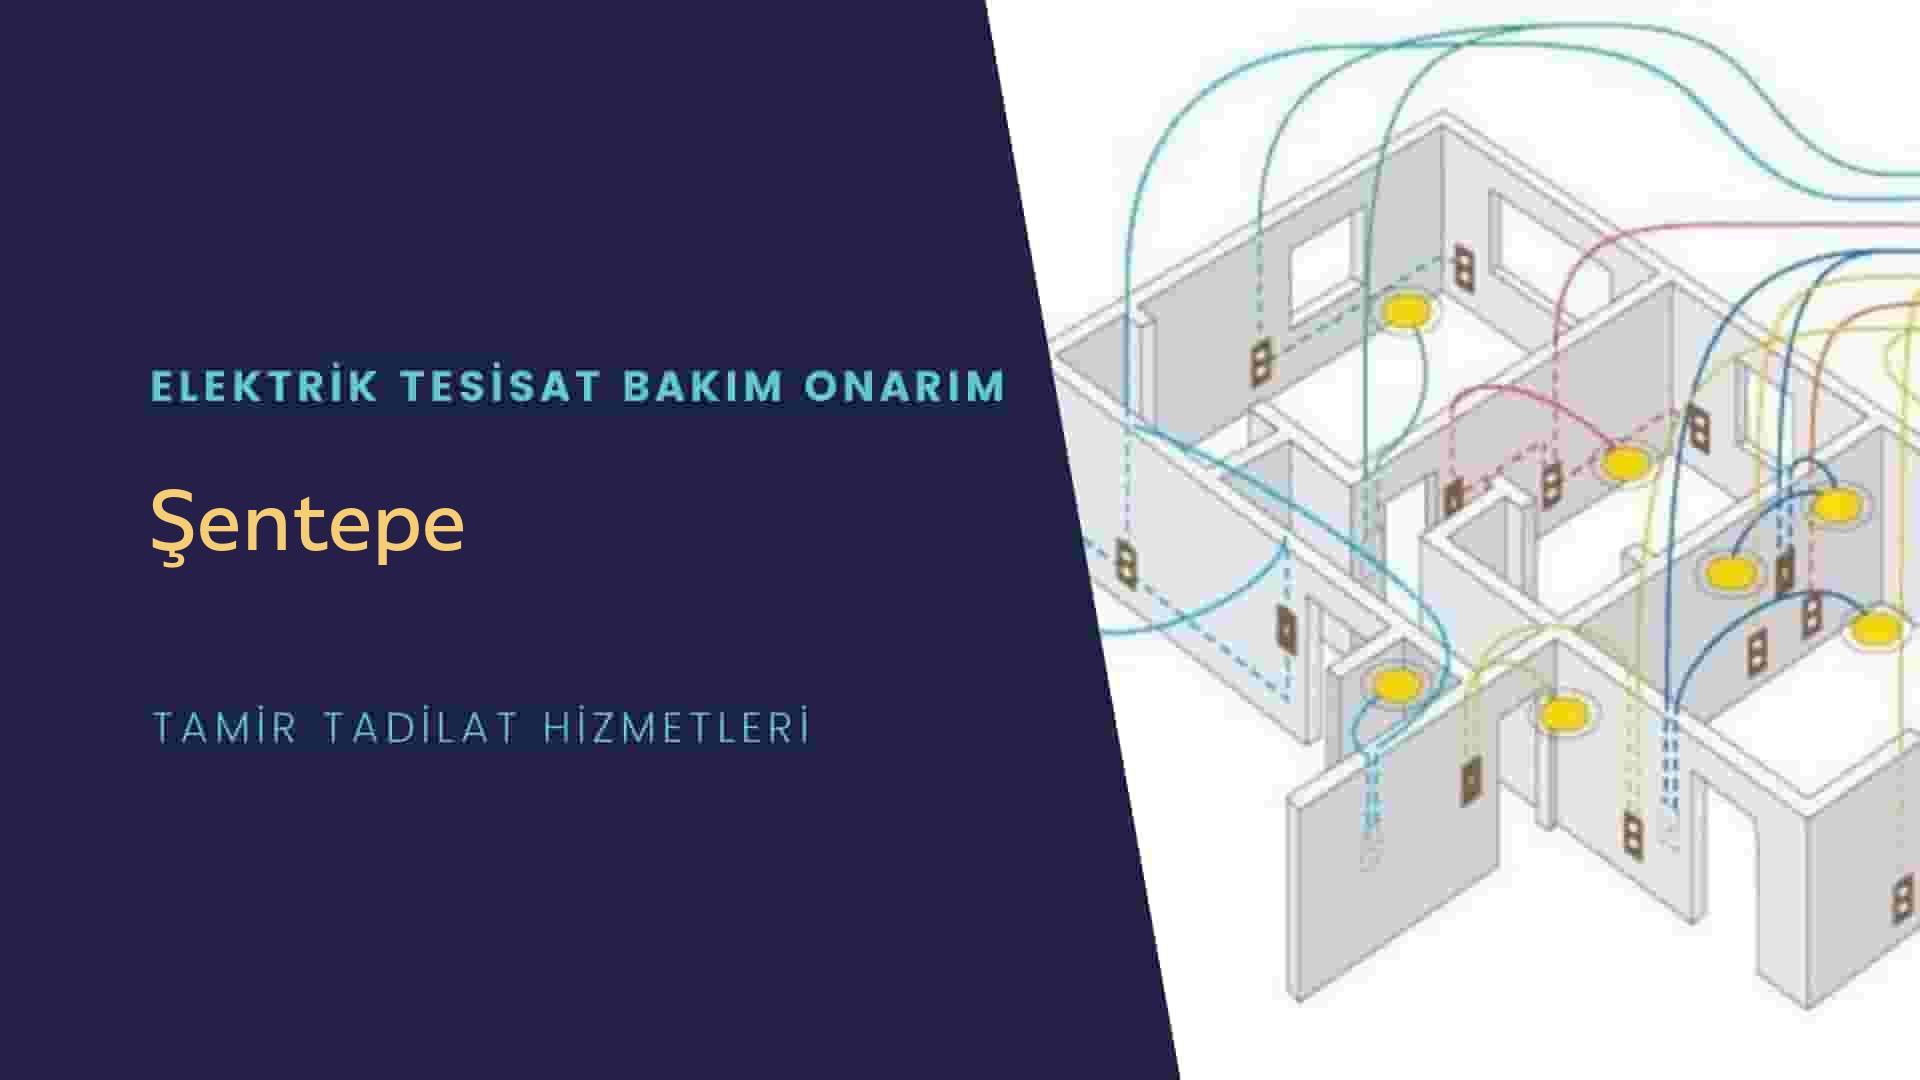 Şentepe'de elektrik tesisatıustalarımı arıyorsunuz doğru adrestenizi Şentepe elektrik tesisatı ustalarımız 7/24 sizlere hizmet vermekten mutluluk duyar.